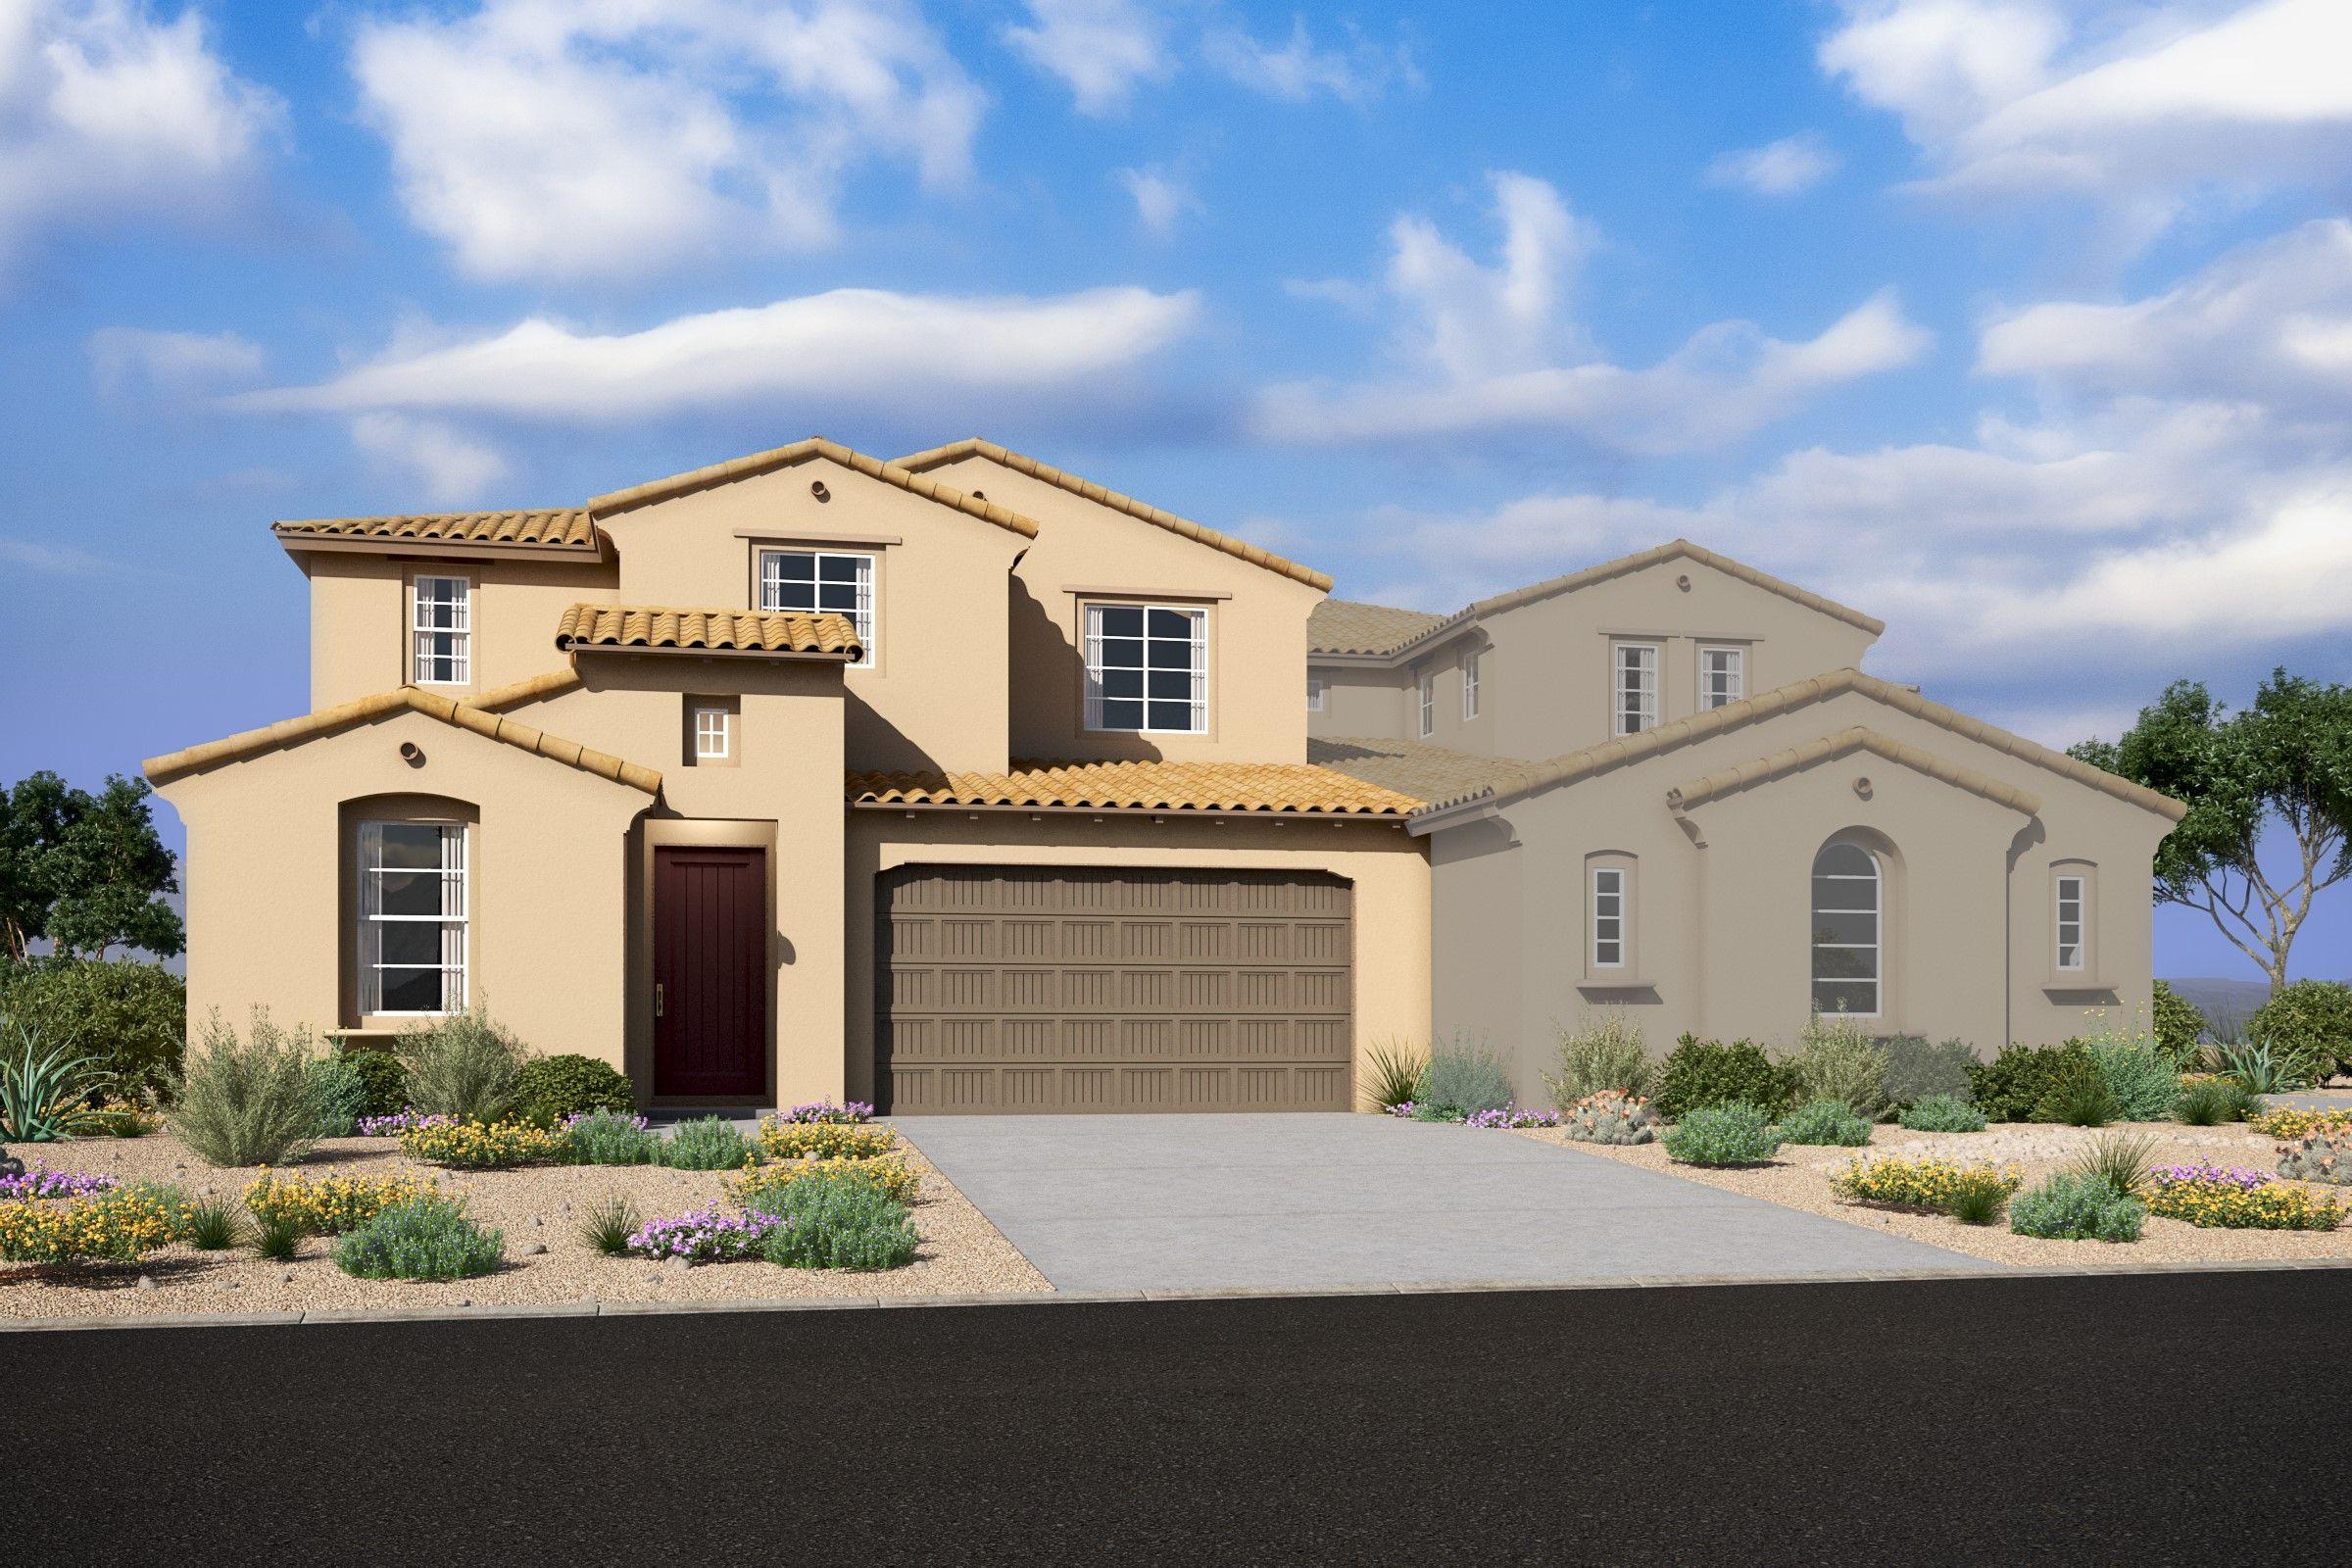 多户 为 销售 在 Summit At Silverstone - Meridian 74th St And Pinnacle Peak Rd Scottsdale, Arizona 85255 United States